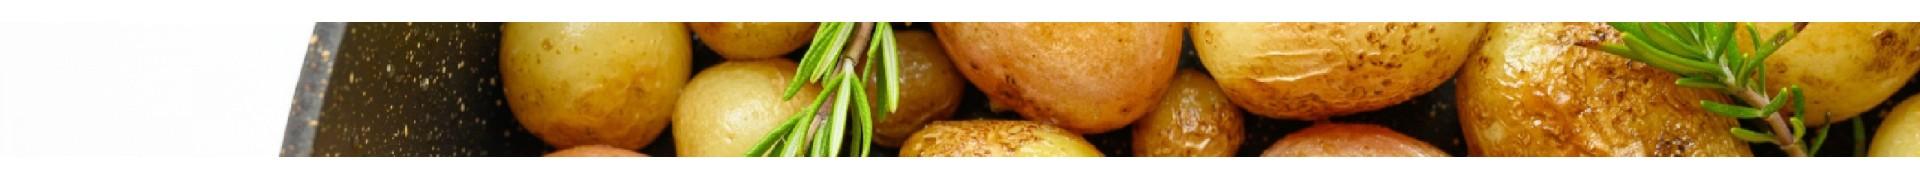 Cartofi și produse din cartofi